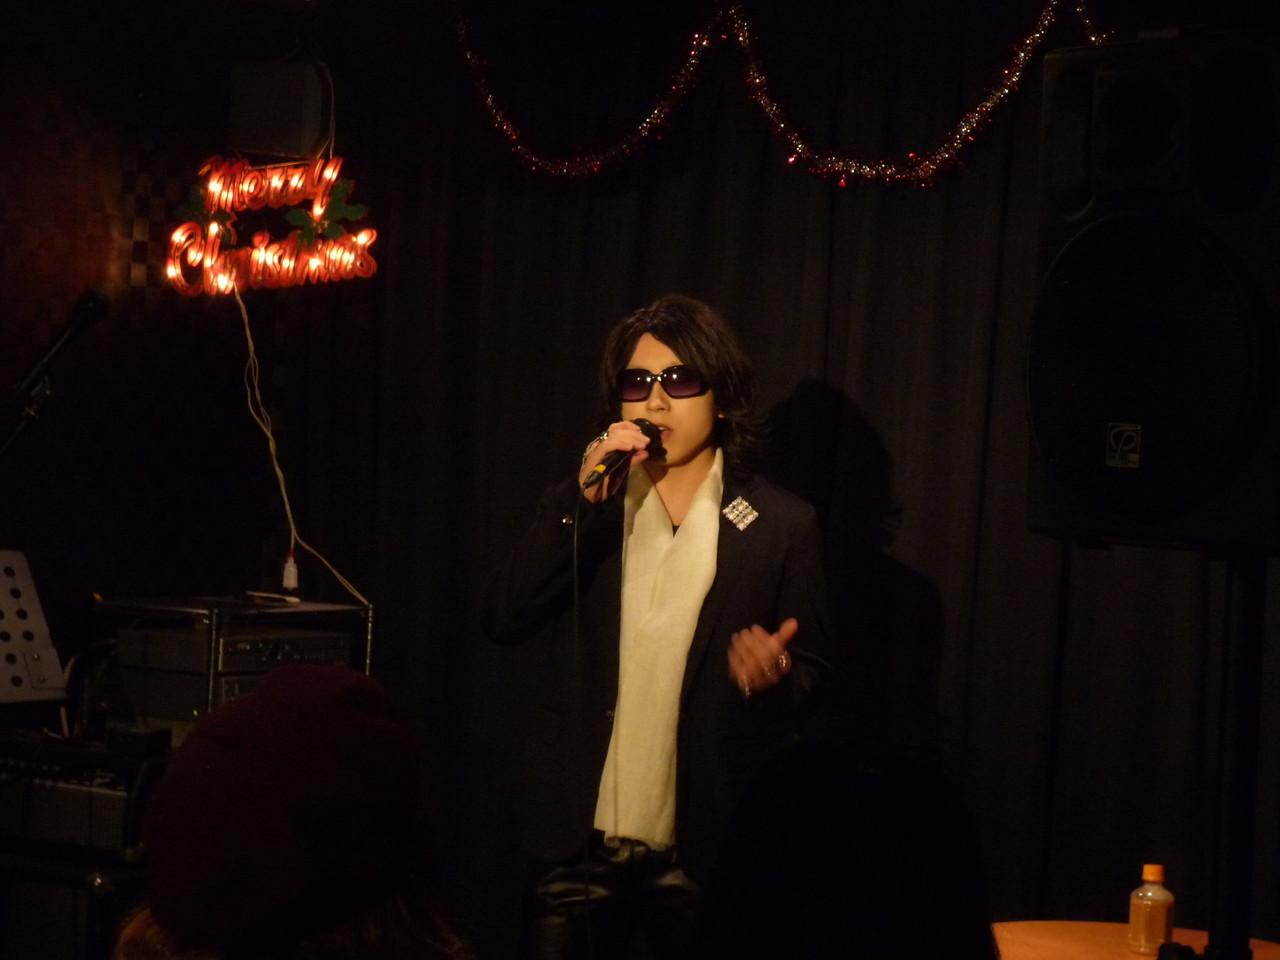 【いしいちゃん World】 Toshlのソロ曲、 Yoshiki、Xのバラードを素晴らしい歌声で魂込めて歌ってくれました♪